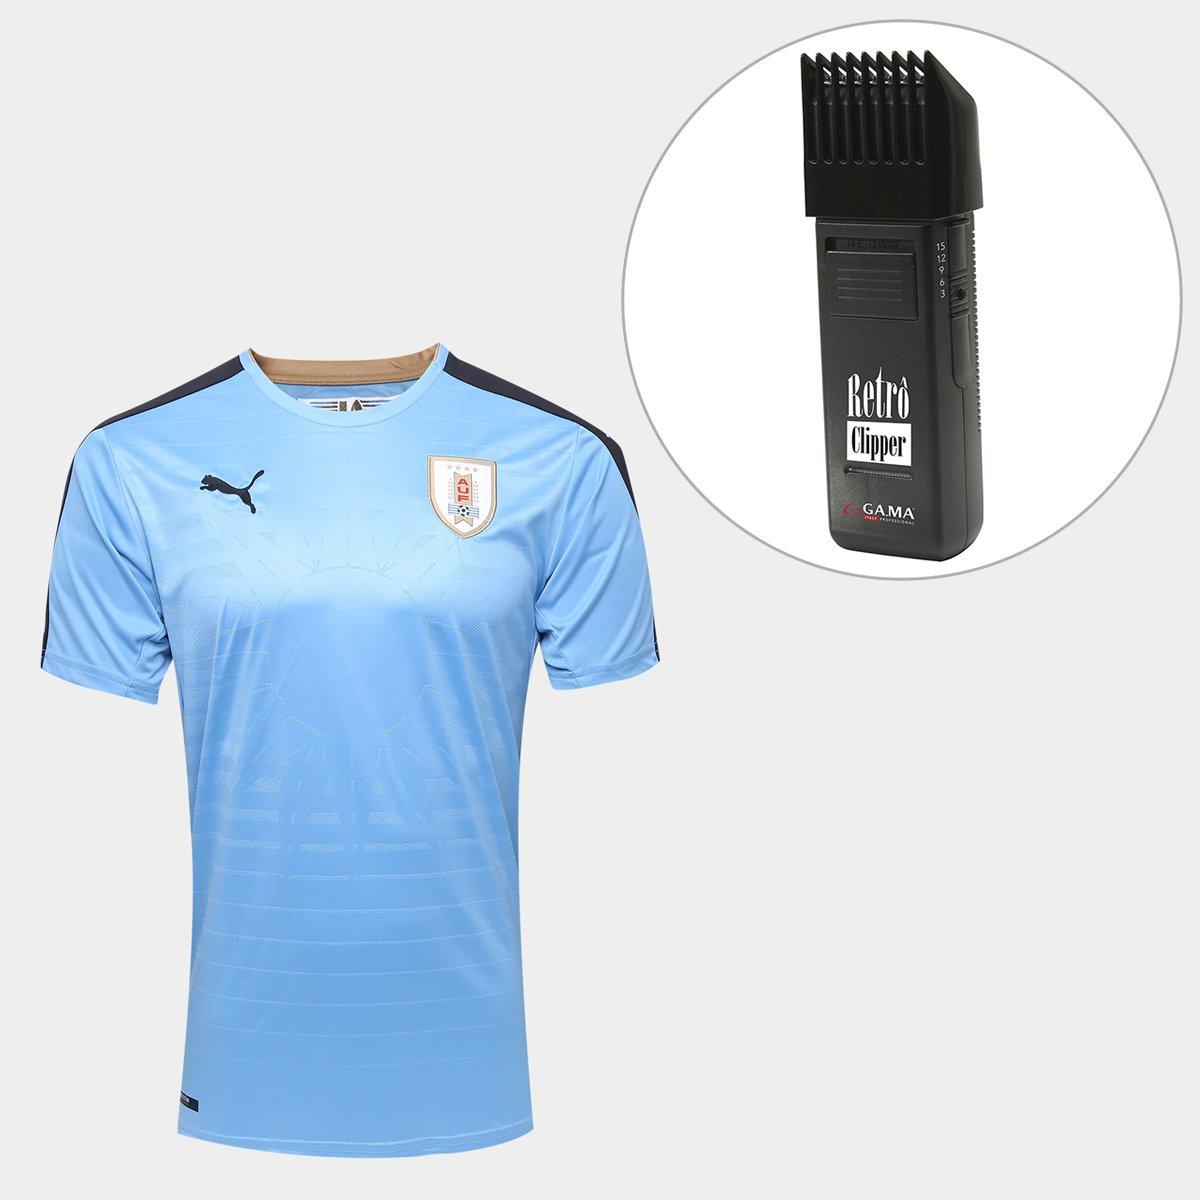 5e57ea1a92 Kit Camisa Seleção Uruguai Home 17 18 Torcedor Puma Masculina + Maquina  Retrô Gama Italy Bivolt - Compre Agora